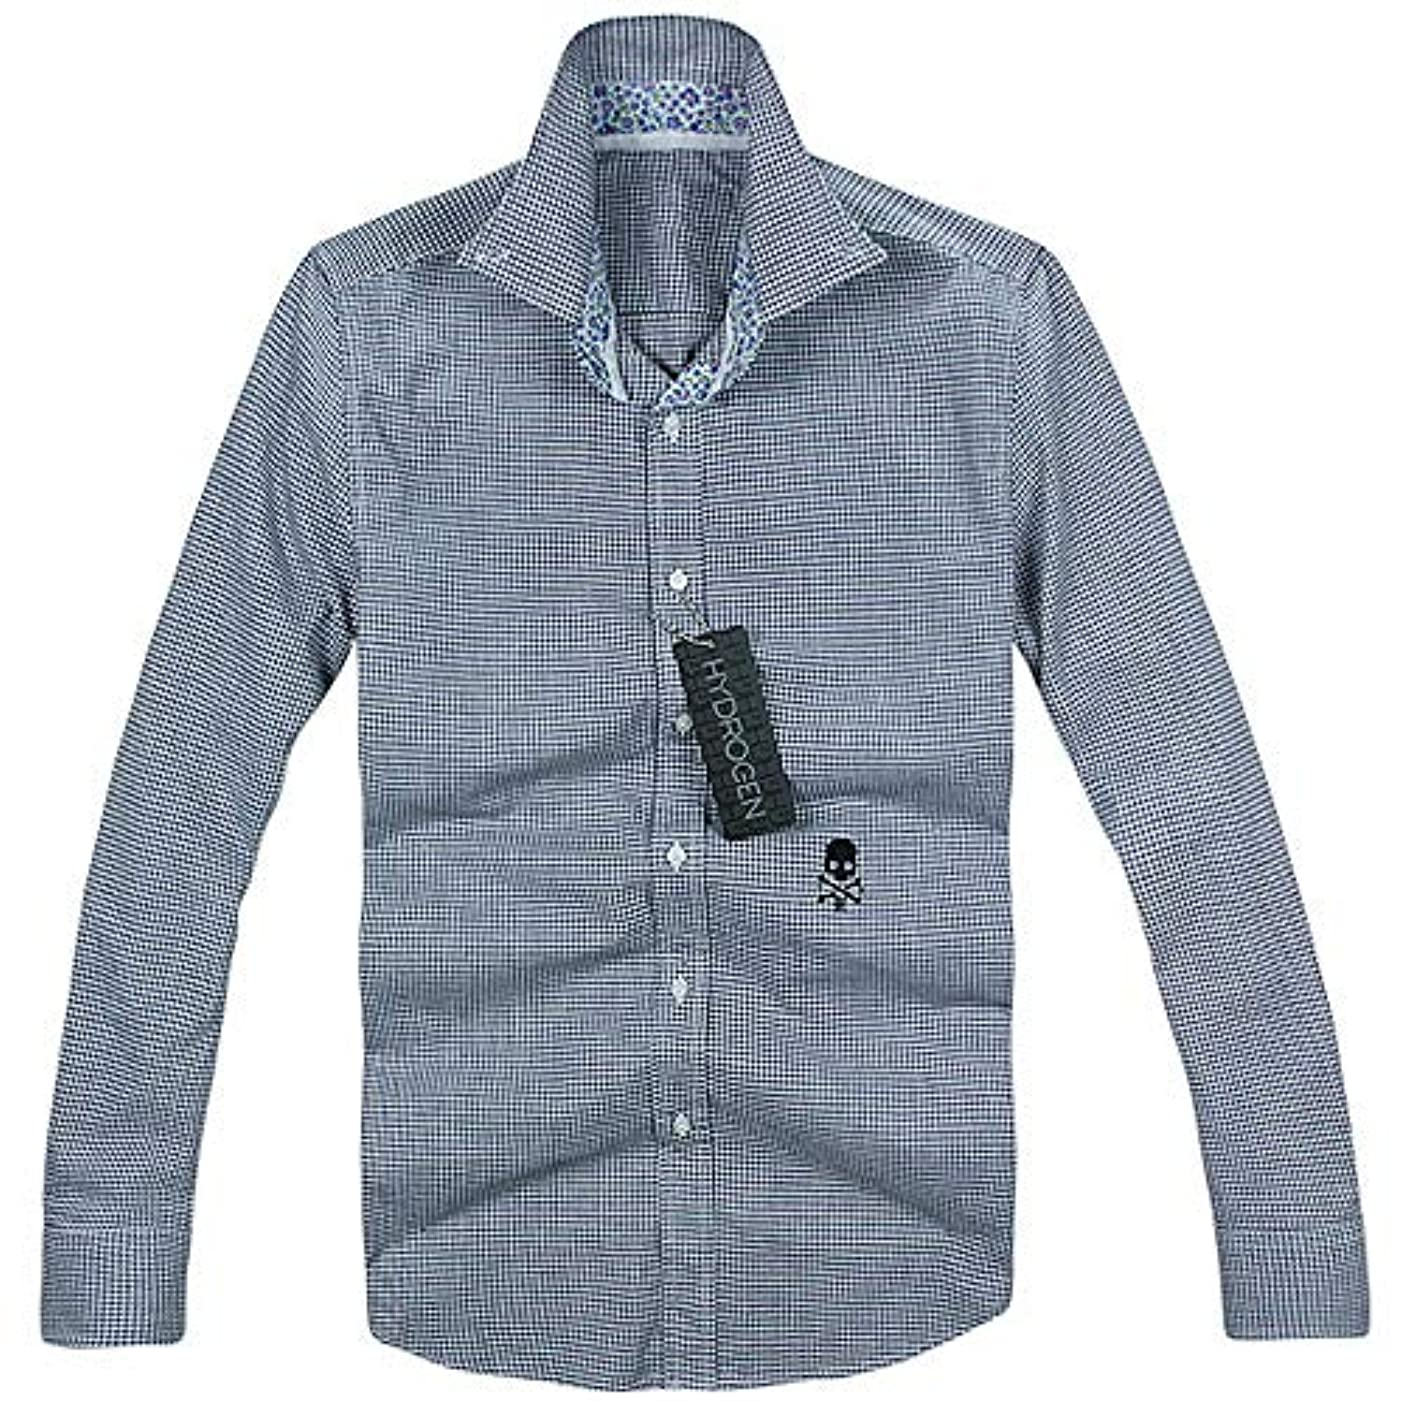 格納価値酸っぱい長袖 シャツ 刺繍 メンズ コットン 綿 100% ベストセラー プリント HYDROGEN 7357 Navy S [並行輸入品]